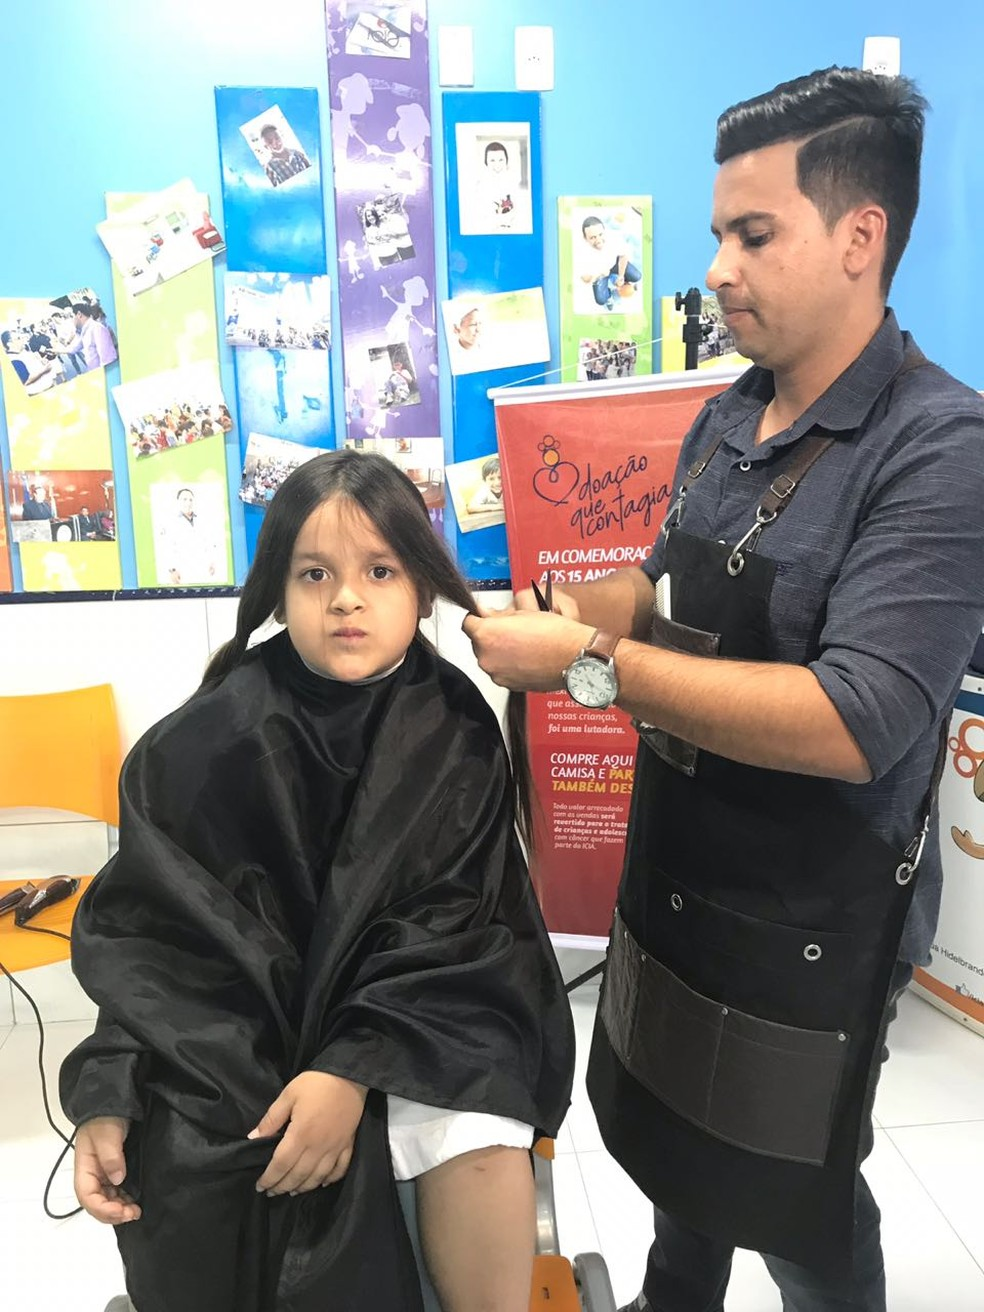 Davi cortando o cabelo no ICIA (Foto: Hayale Guimarães/G1)